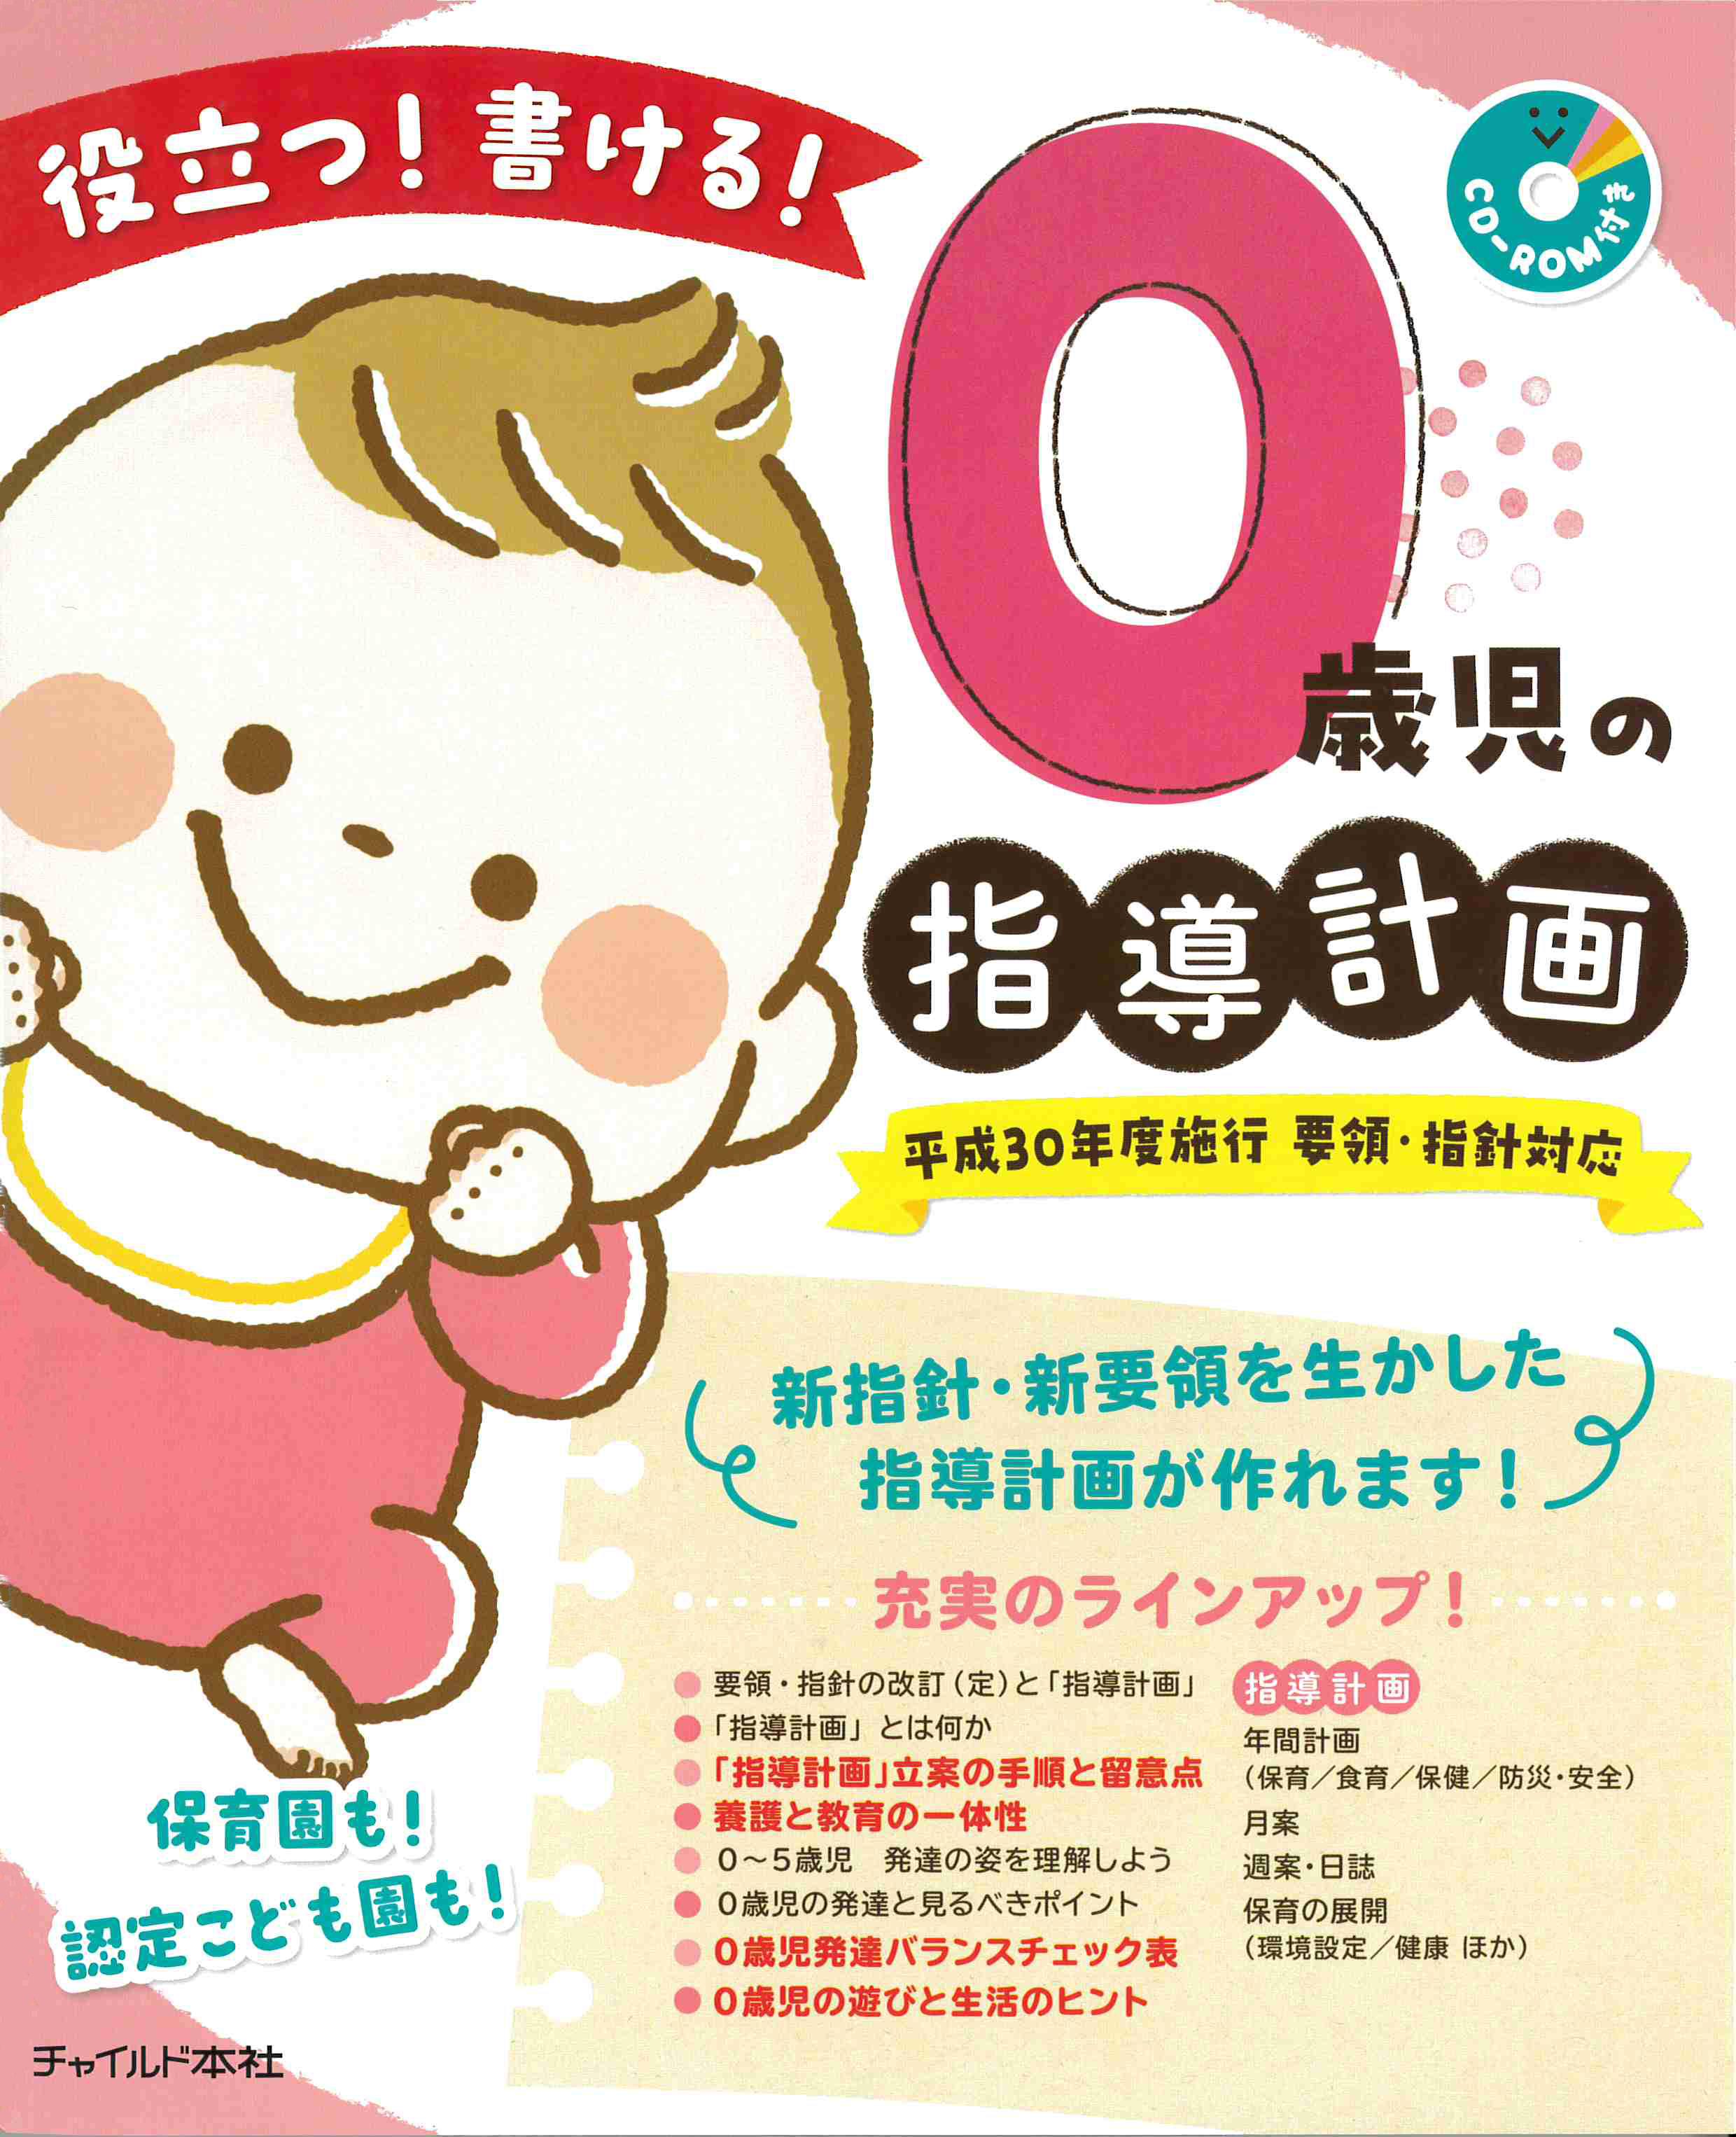 0歳児の指導計画ー180202